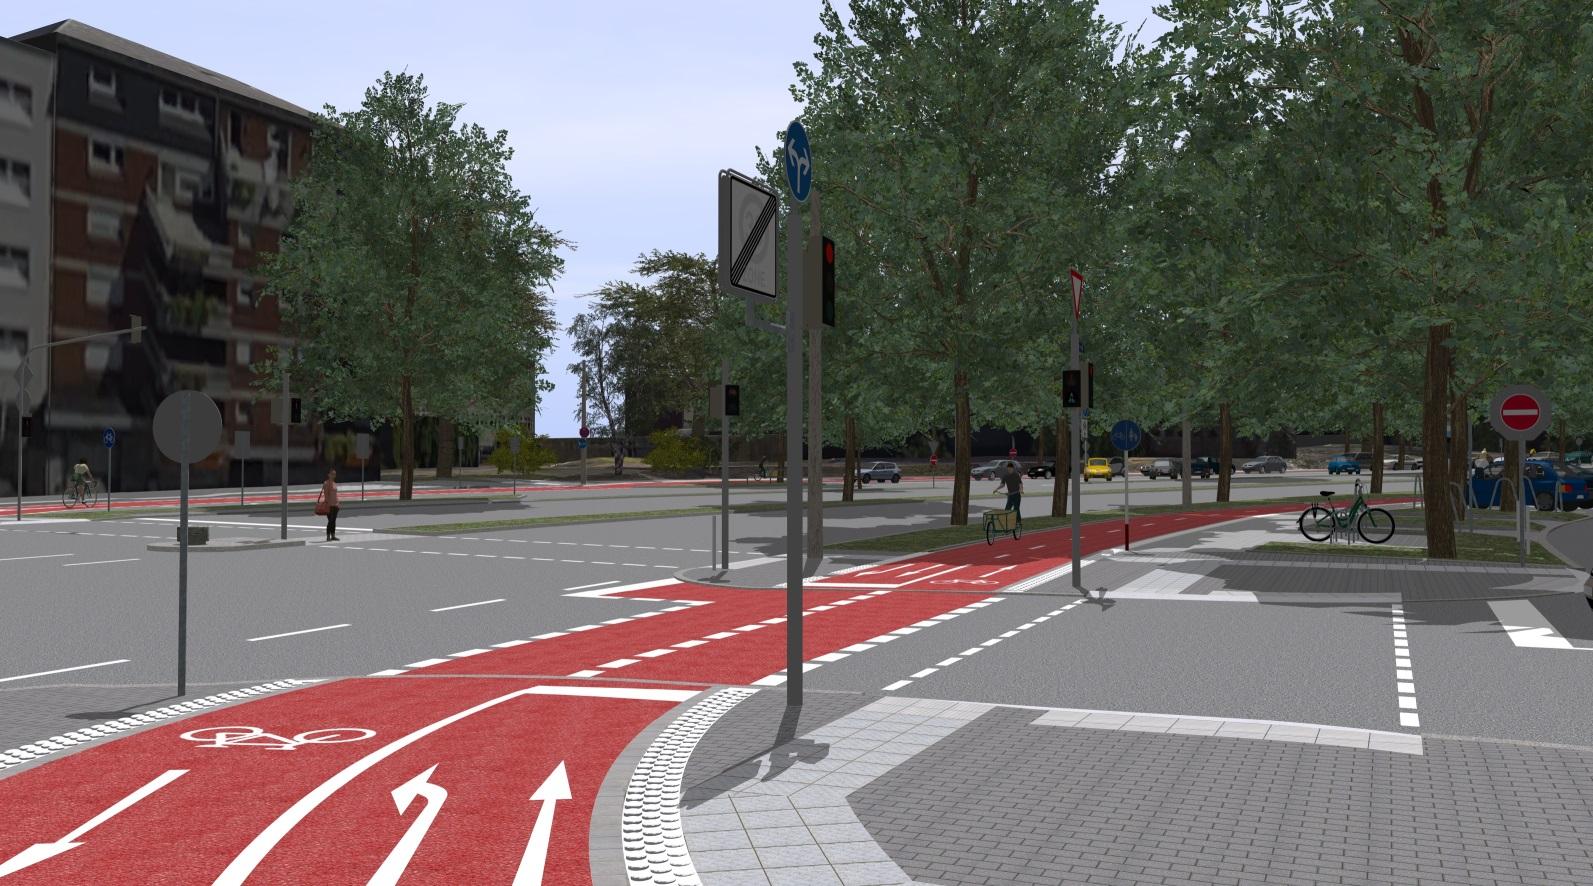 3D-Visualsierung des Radwalls in Dortmund Olpe Ostwall